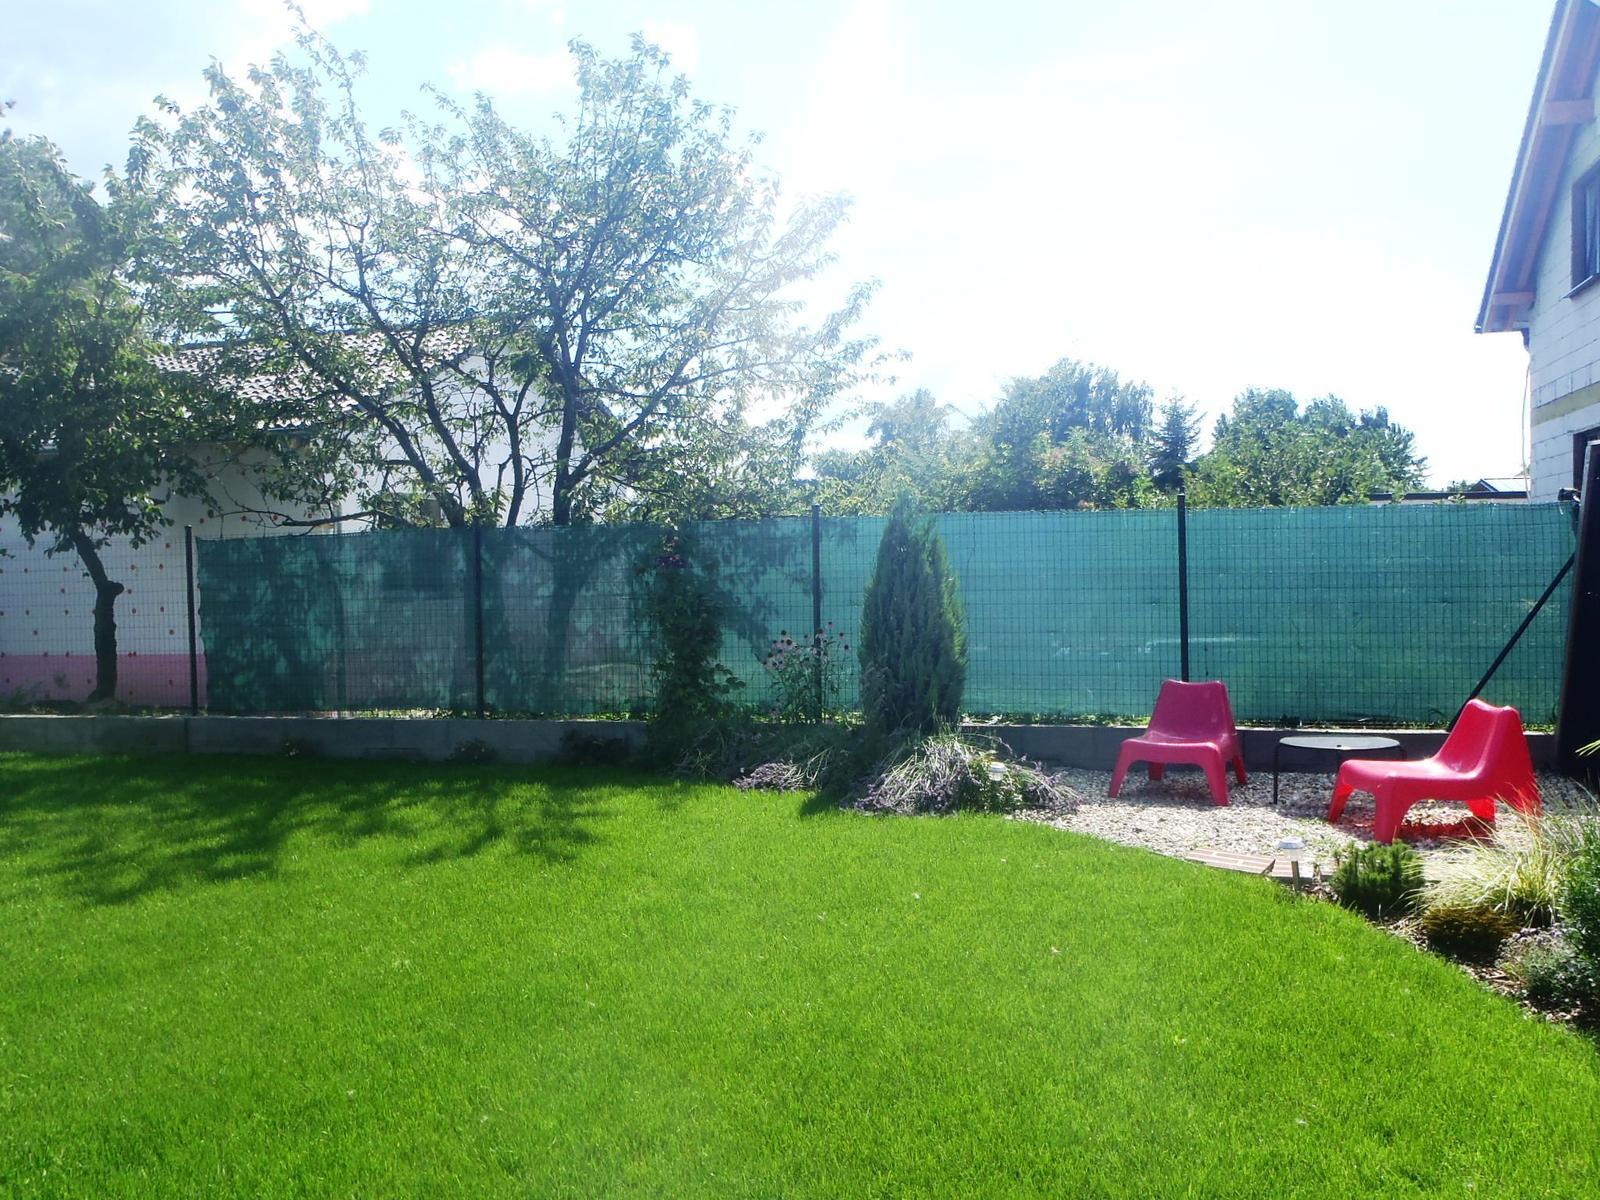 Záhradka - Pribudli mi susedia, kym som bola odstahovana. :-( Ale vyzeraju byt mili.